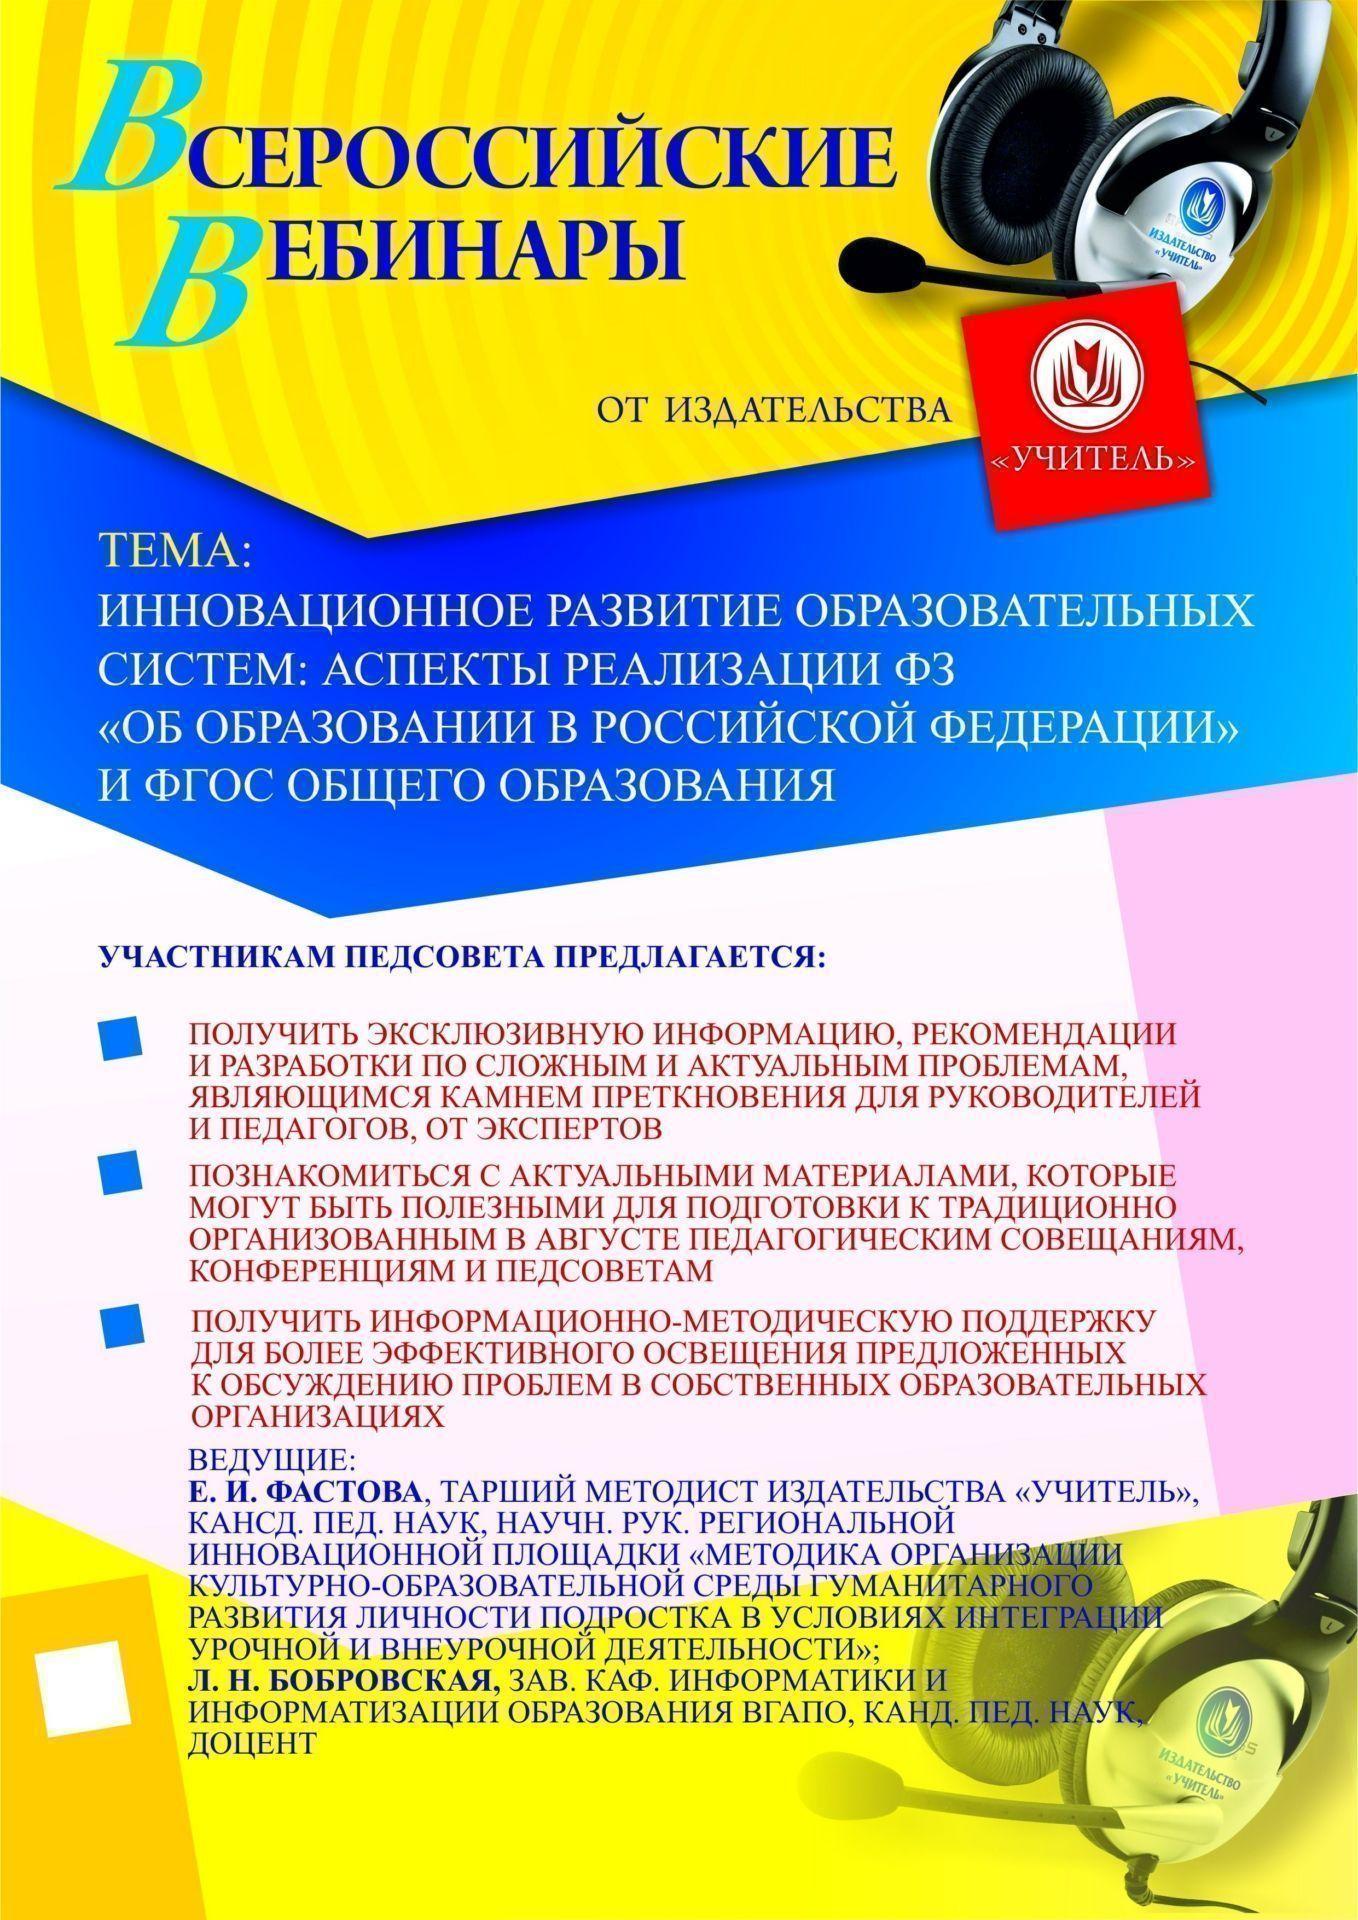 Инновационное развитие образовательных систем: аспекты реализации ФЗ «Об образовании в Российской Федерации» и ФГОС общего образования фото